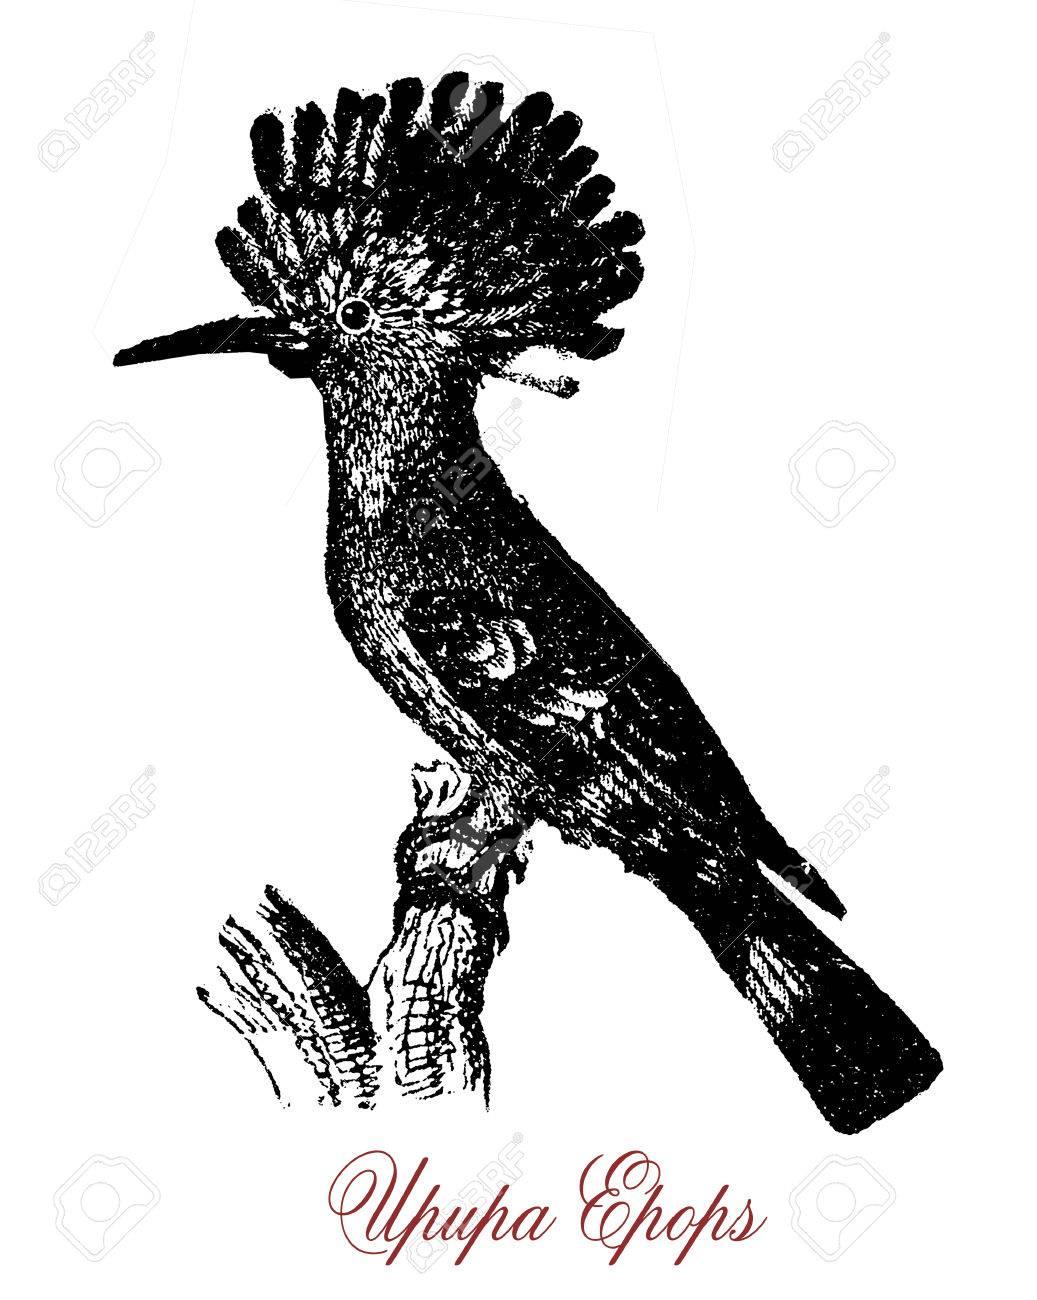 ヤツガシラは熱帯鳥の羽の冠をア...